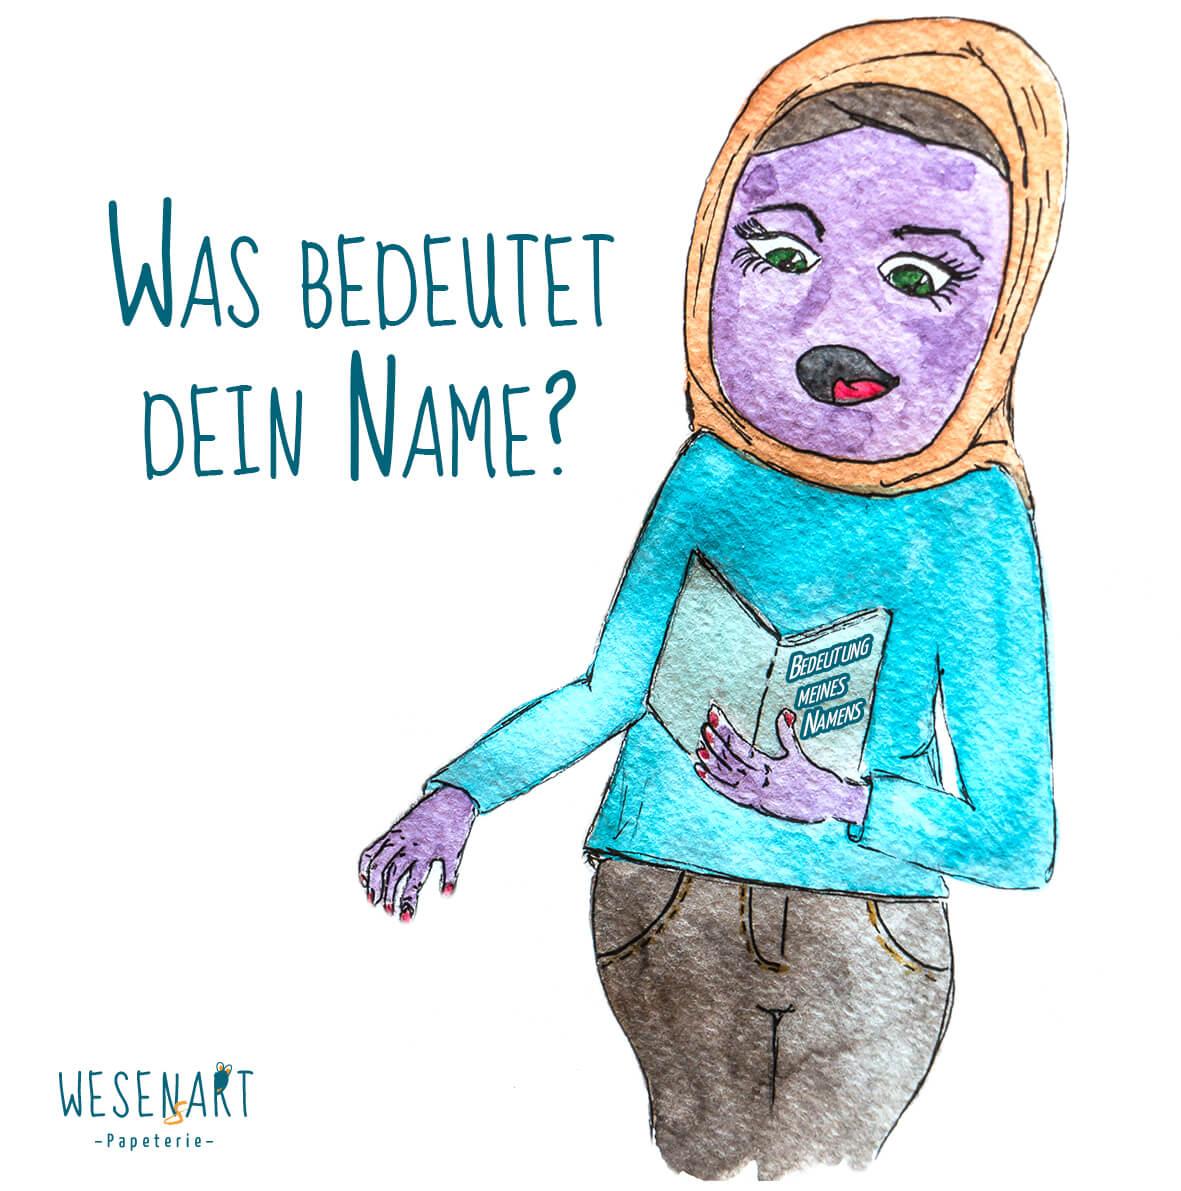 Zafer – ein lila Wesen, mit Hijab liest in einem Buch zum Thema Namensbedeutung. Daneben die Frage: »Was bedeutet dein Name?«